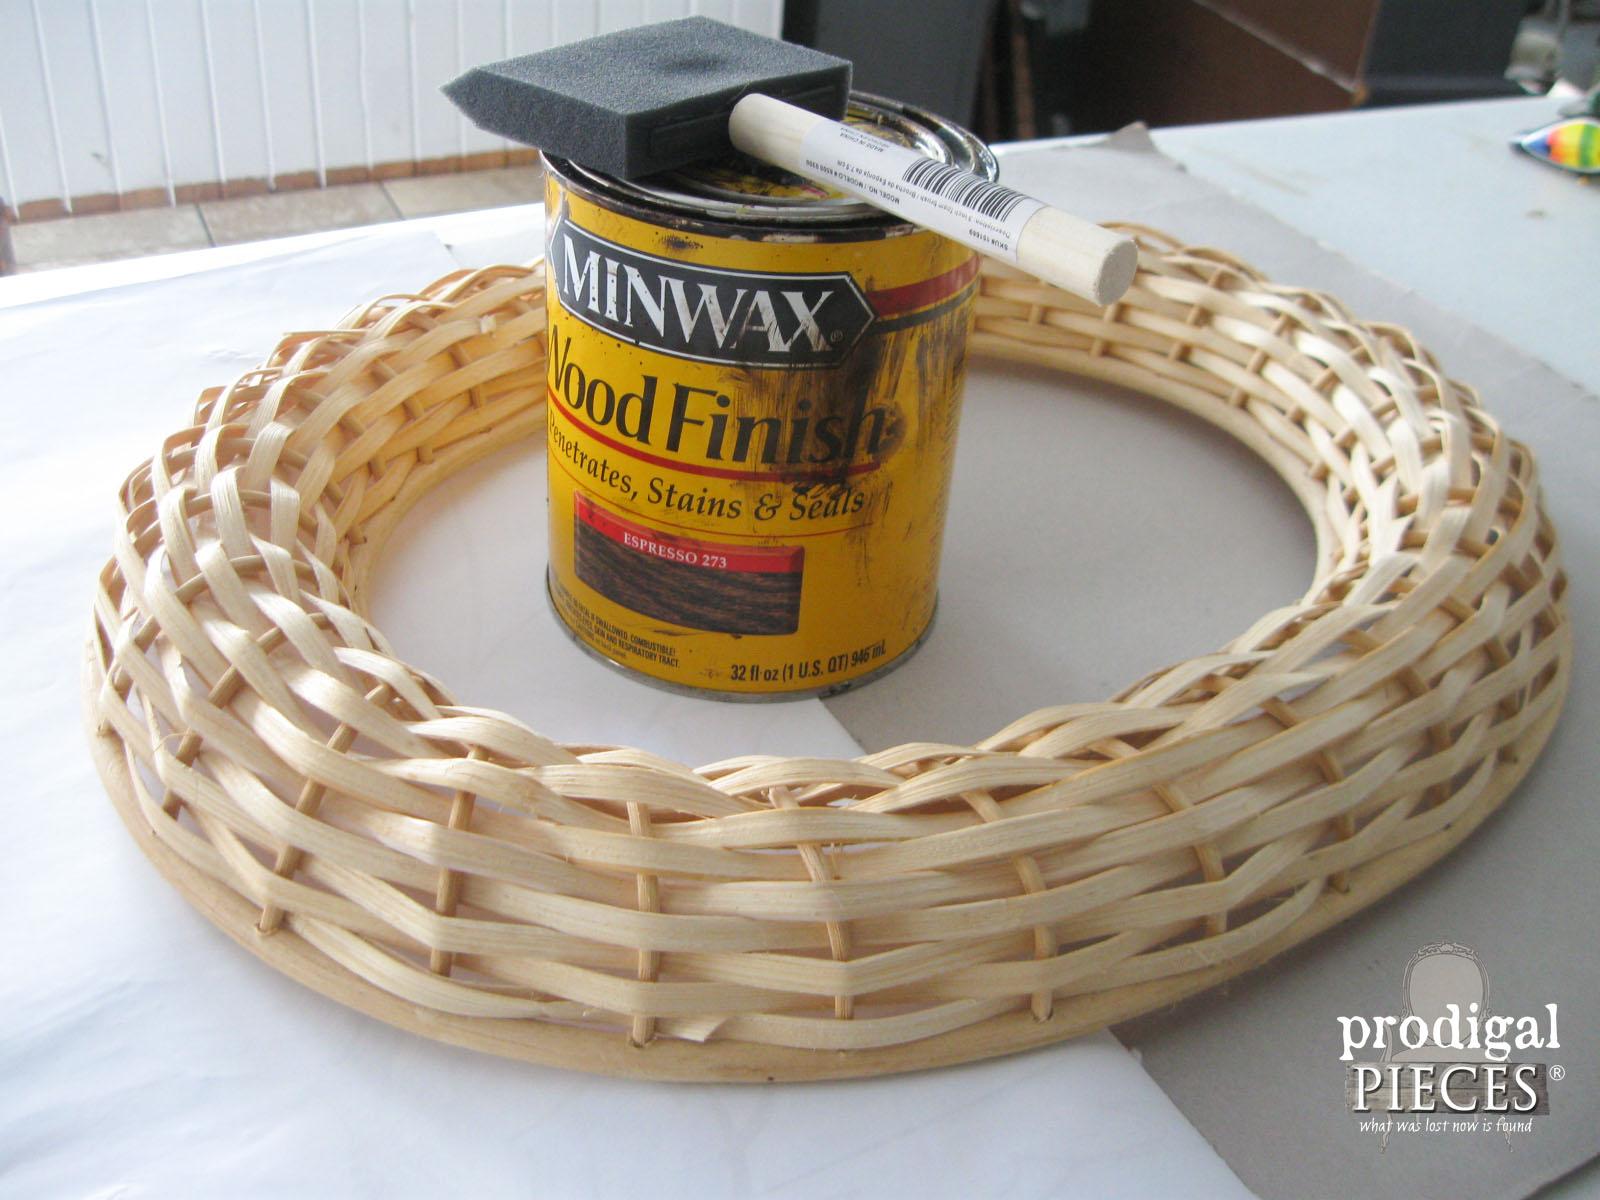 Espresso Stain by Minwax | Prodigal Pieces | www.prodigalpieces.com